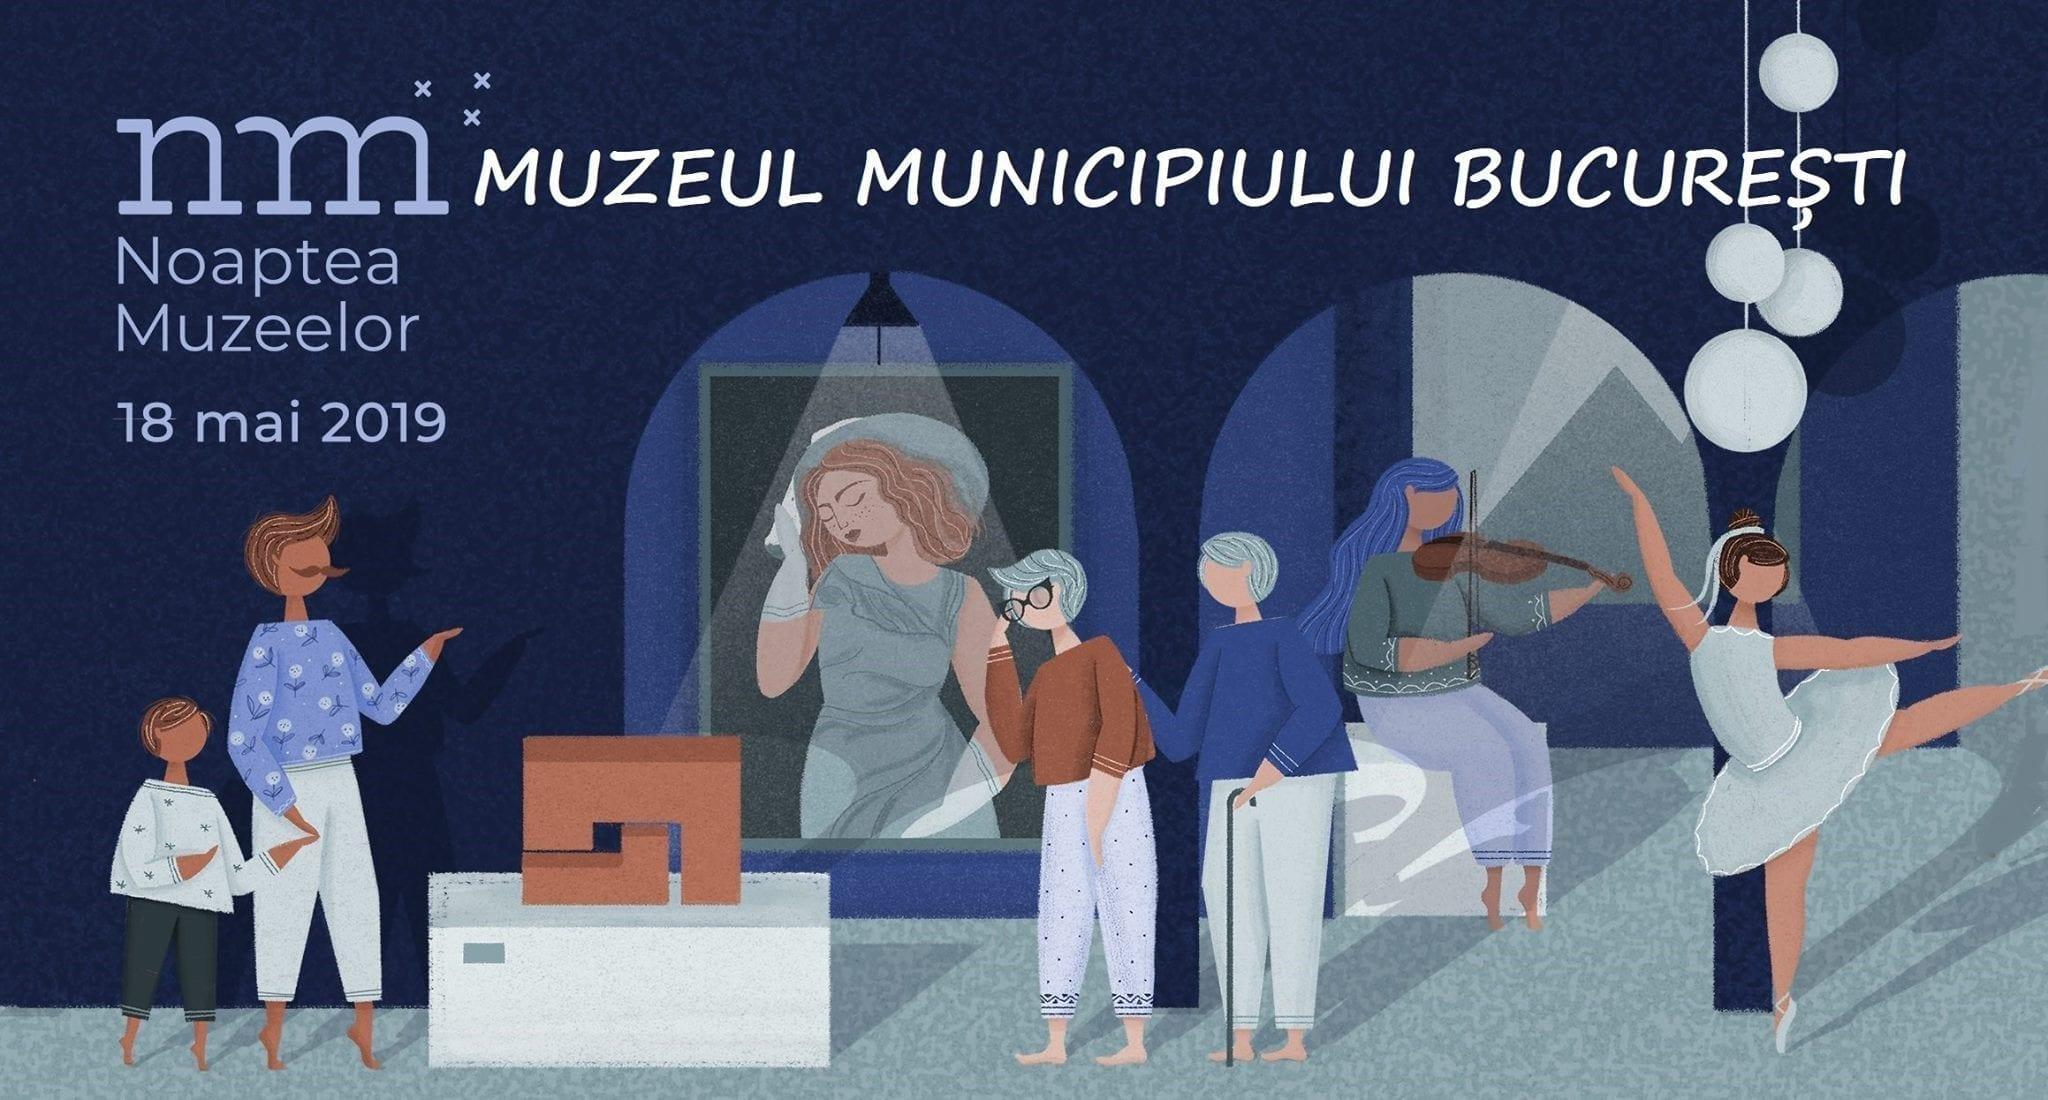 Program Noaptea Muzeelor - 18 MAI 2019